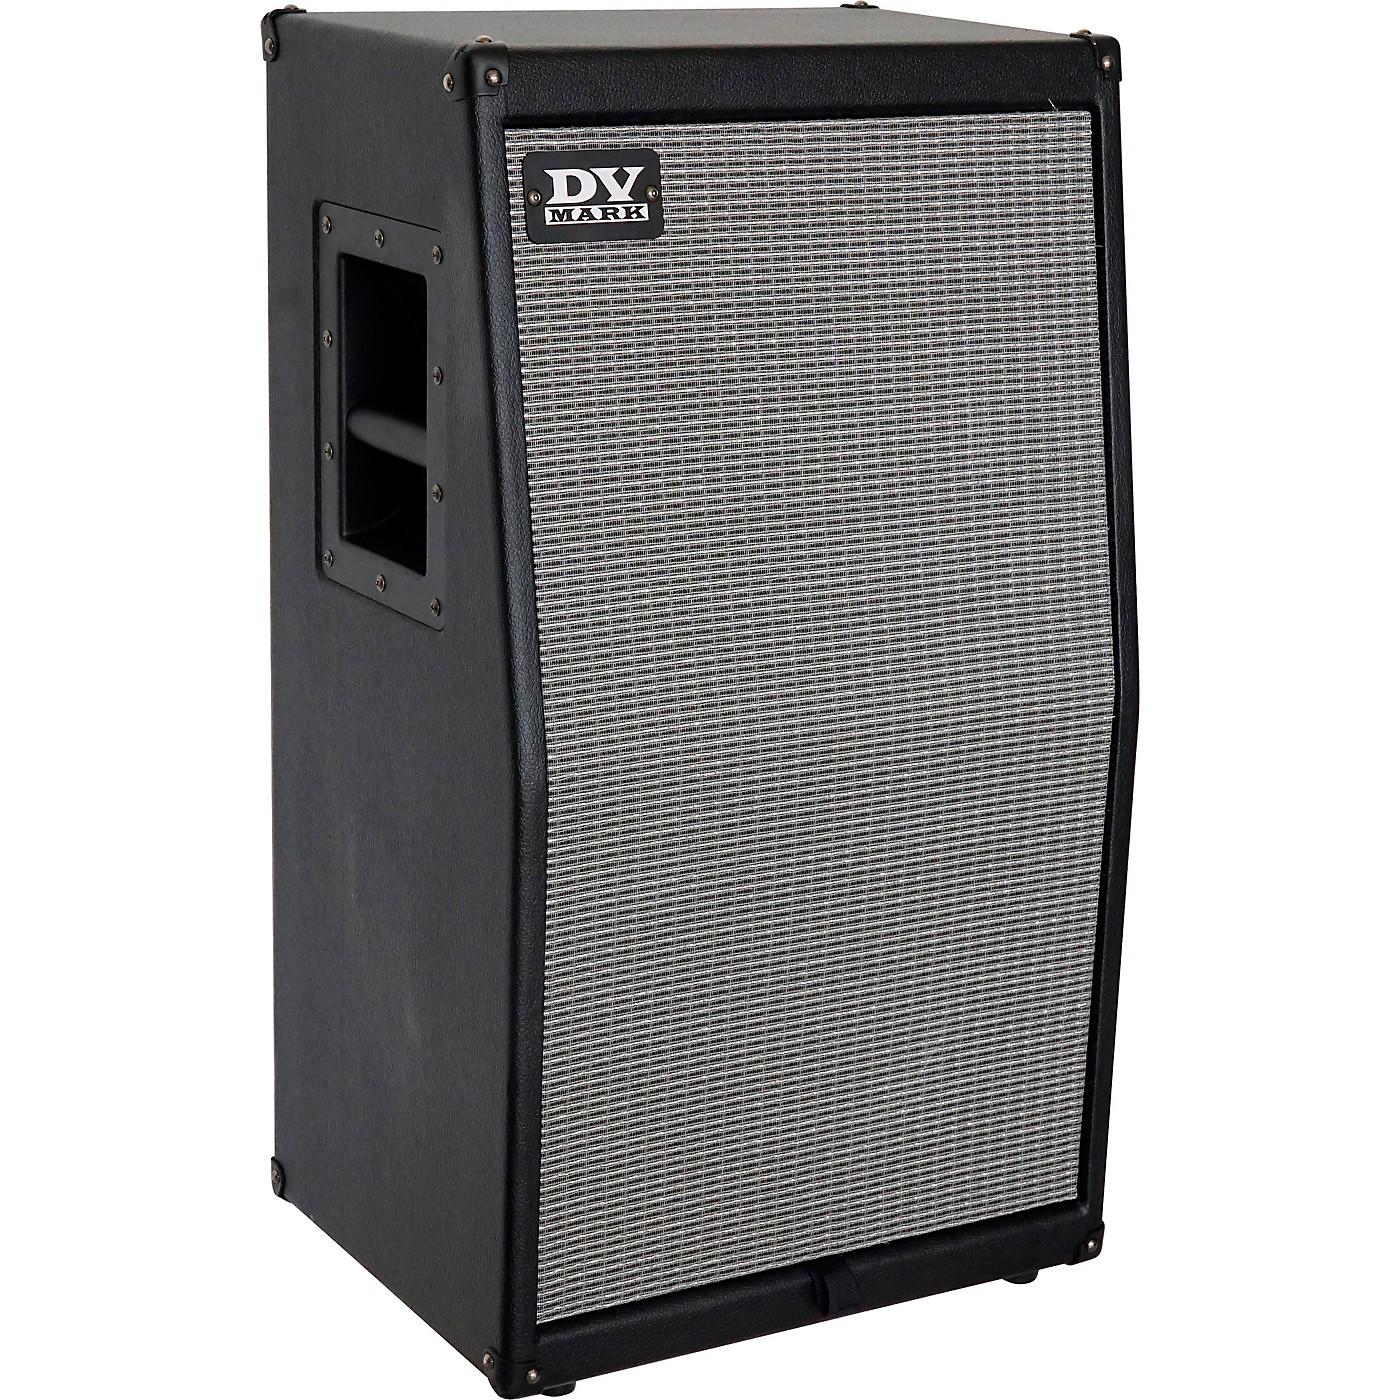 DV Mark DV Silver 212V 300W 2x12 Vertical Guitar Speaker Cabinet thumbnail